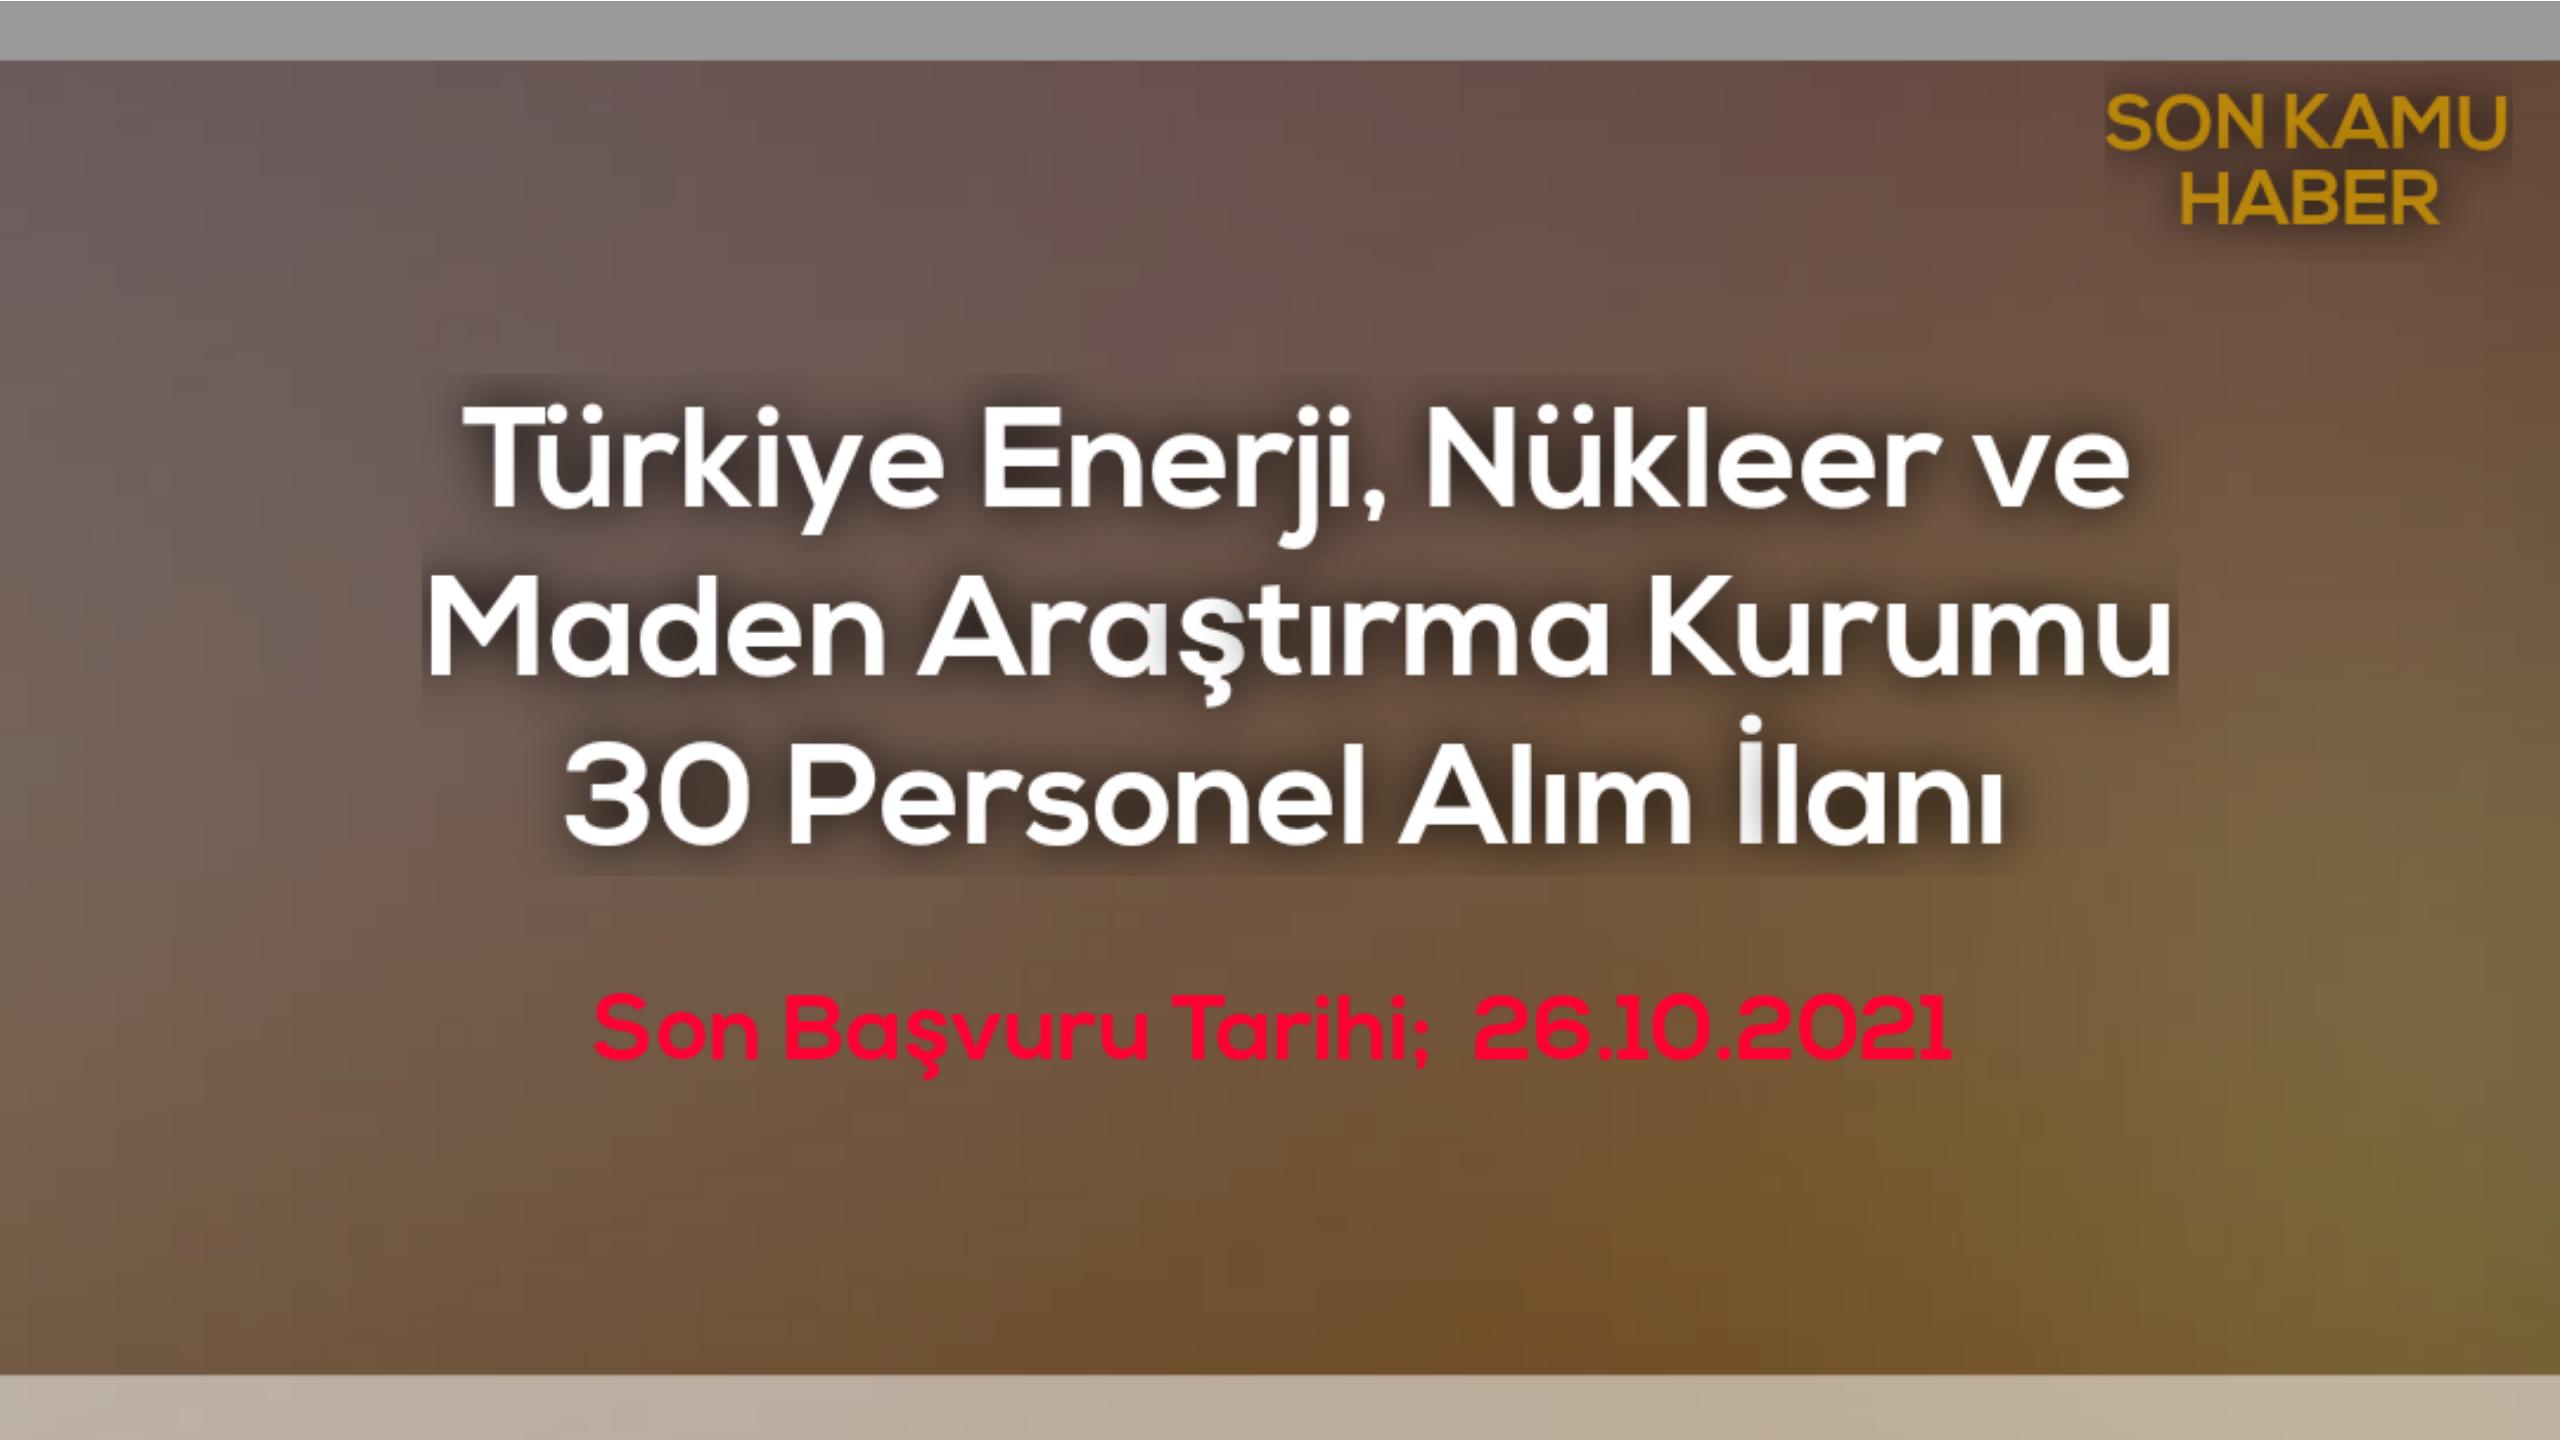 Türkiye Enerji, Nükleer ve Maden Araştırma Kurumu 30 Personel Alım İlanı 2021